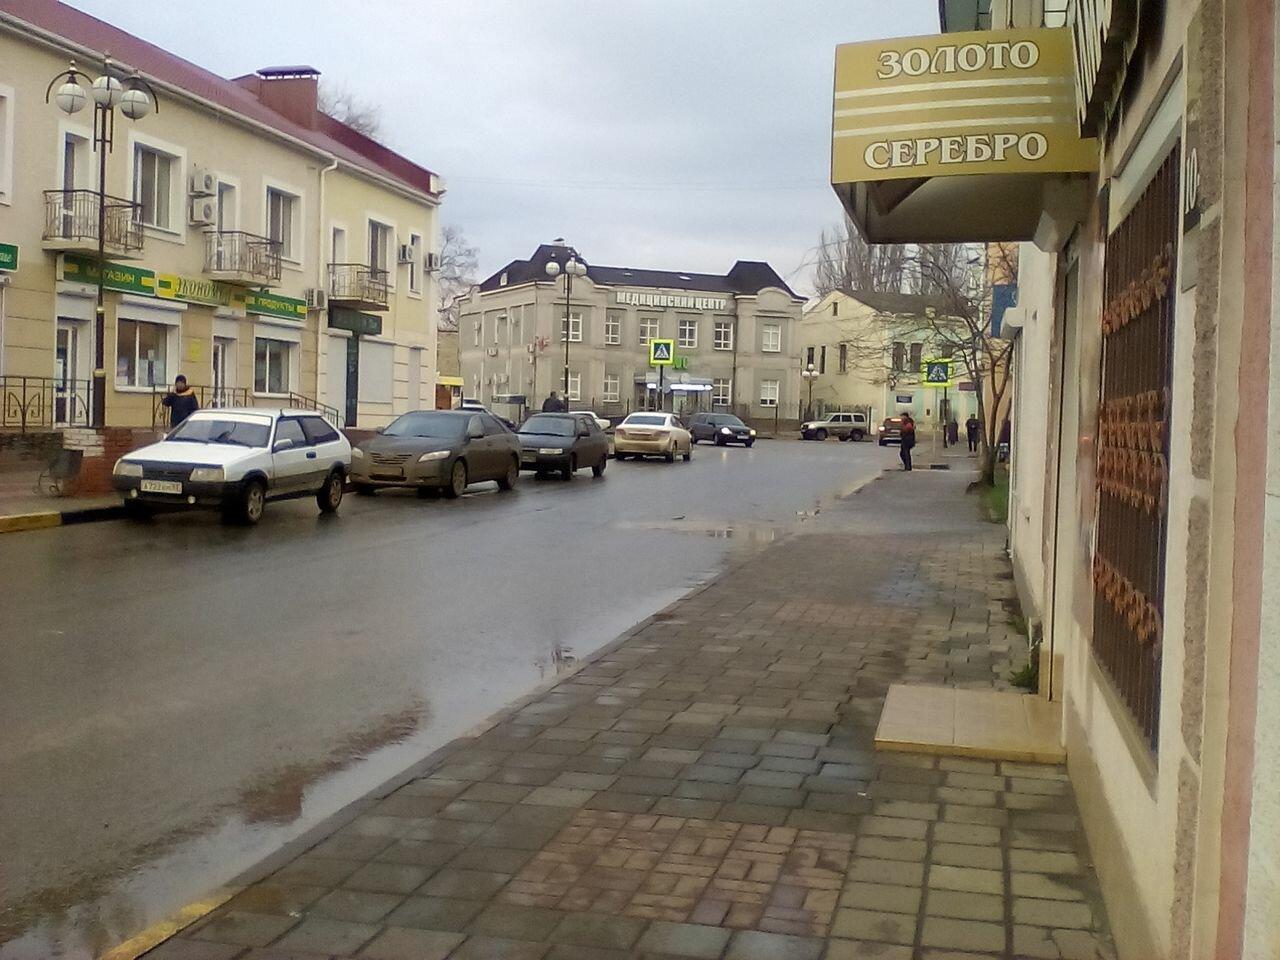 Аренда с выкупом коммерческой недвижимости крыма поиск Коммерческой недвижимости Улица Милашенкова